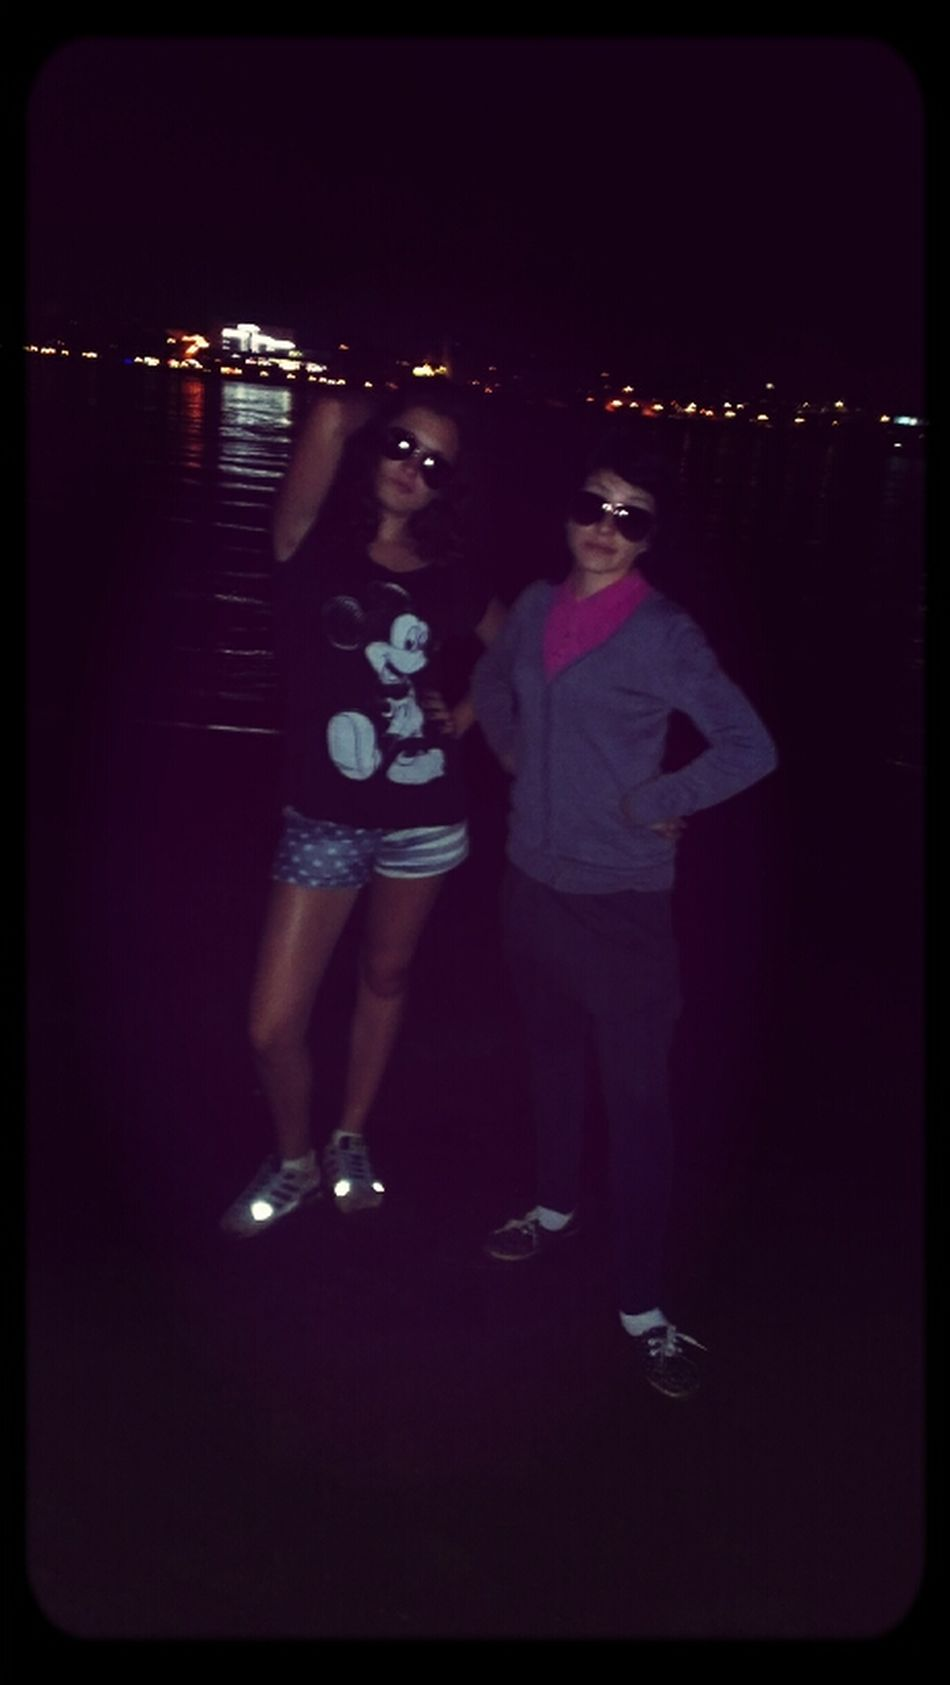 а мы гуляем ночью в очечах